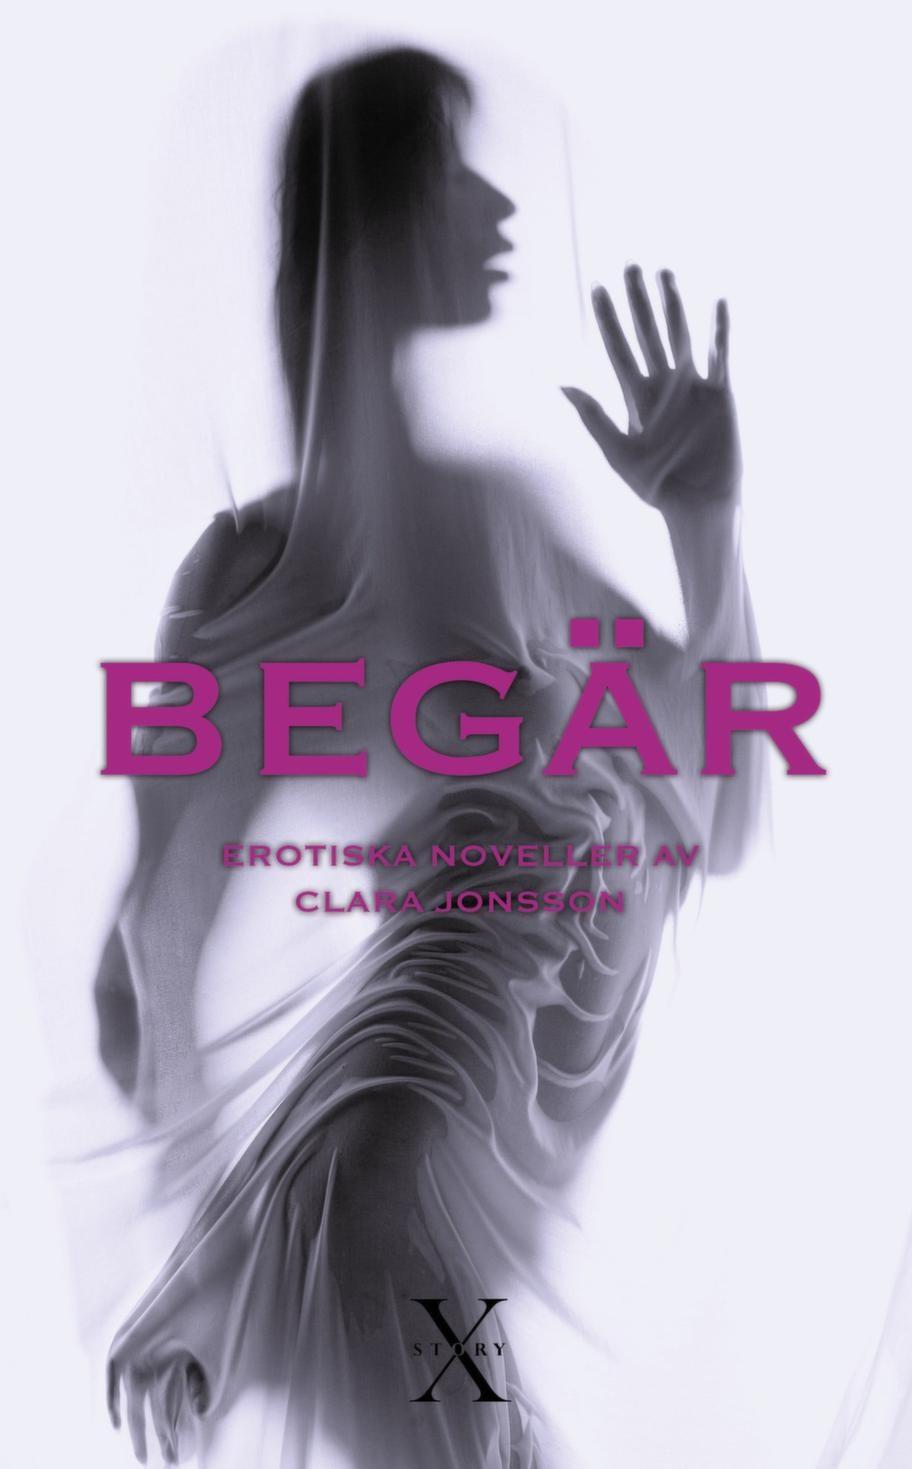 """""""Begär"""" av Clara Jonsson (släpptes mars 2009, cirka 6 000 sålda exemplar)Källa: X-story, ett förlag med inriktning på erotisk skönlitteratur och praktiska sexhandböcker."""